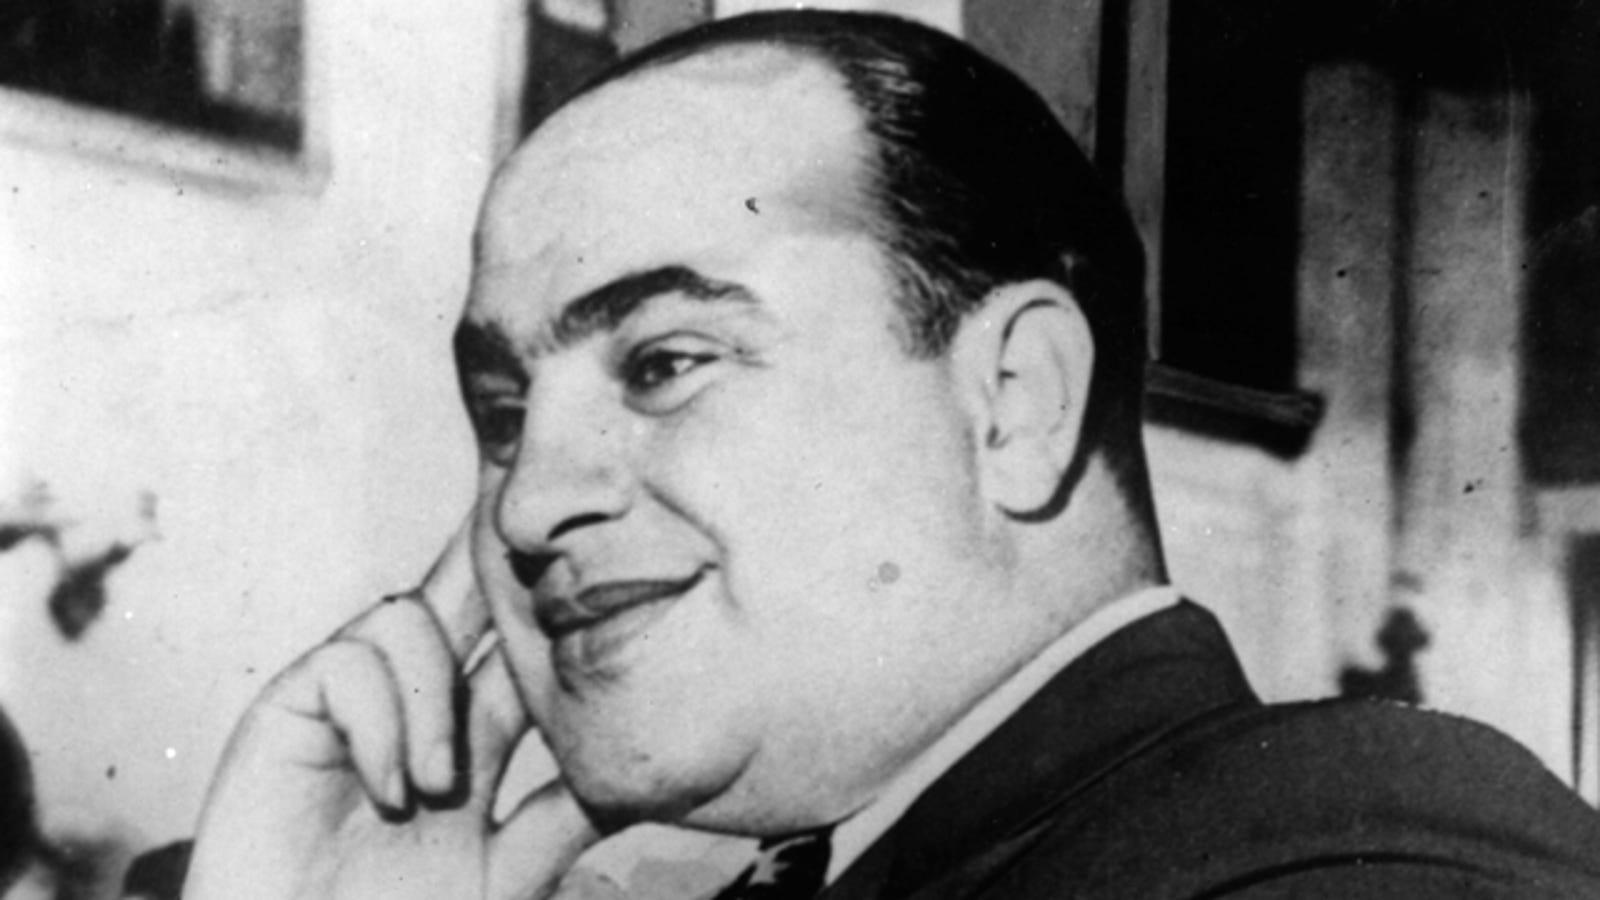 Essay on Al Capone | blogger.com